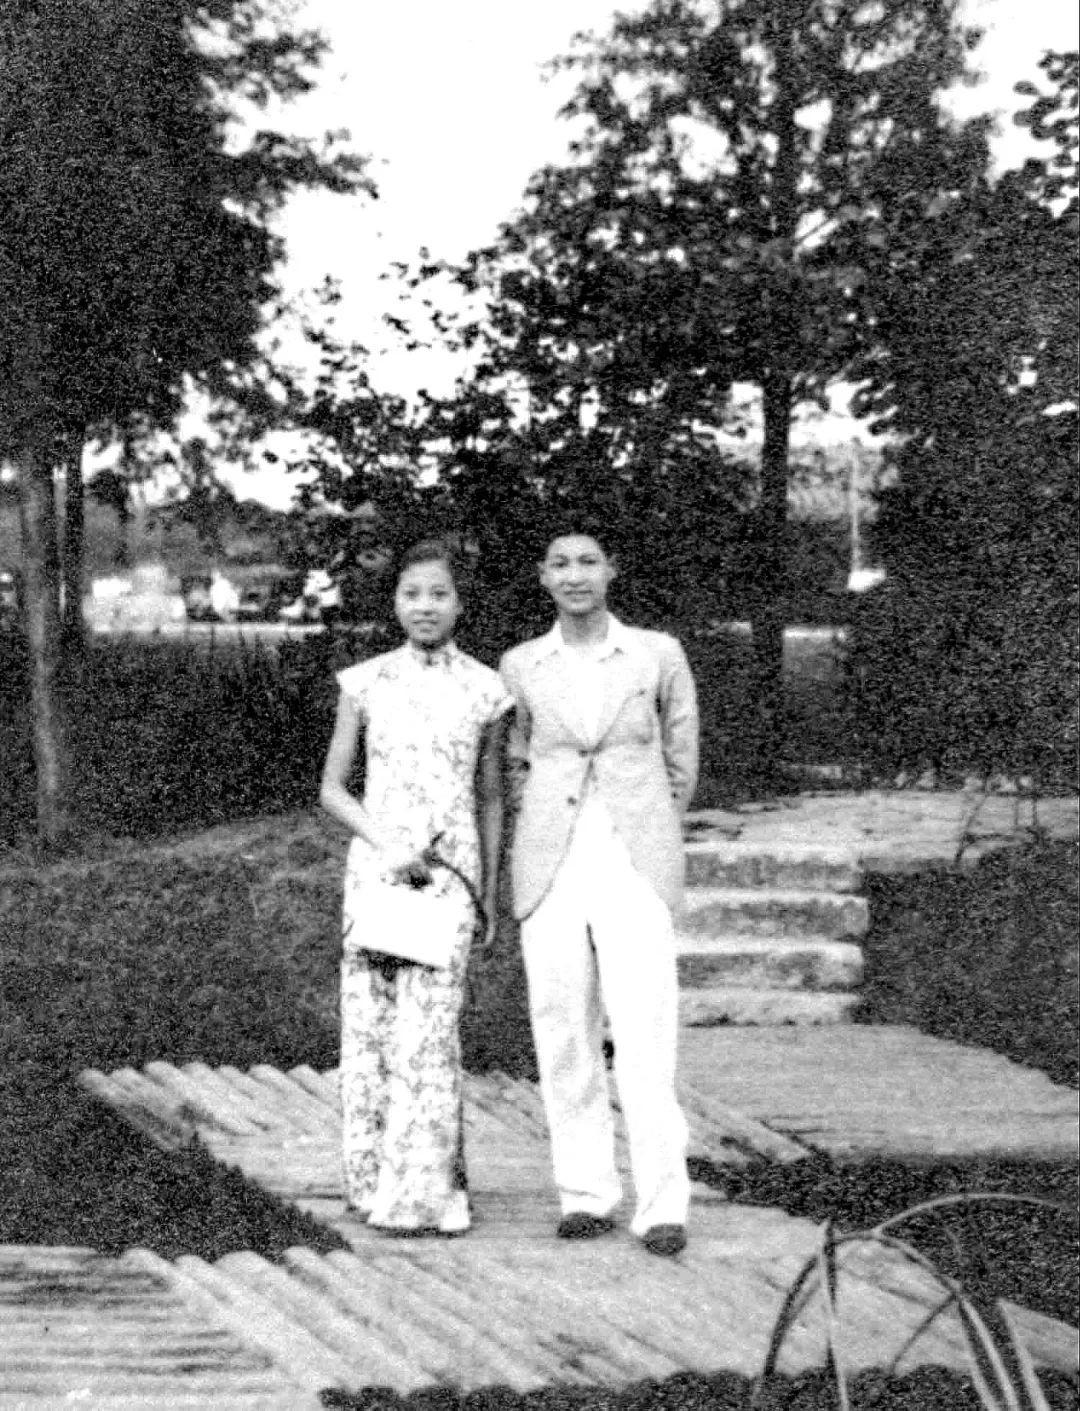 一门7博士! 上海最高寿伉俪、交大百岁校友携手77载,爱情一如最初的模样_图1-4